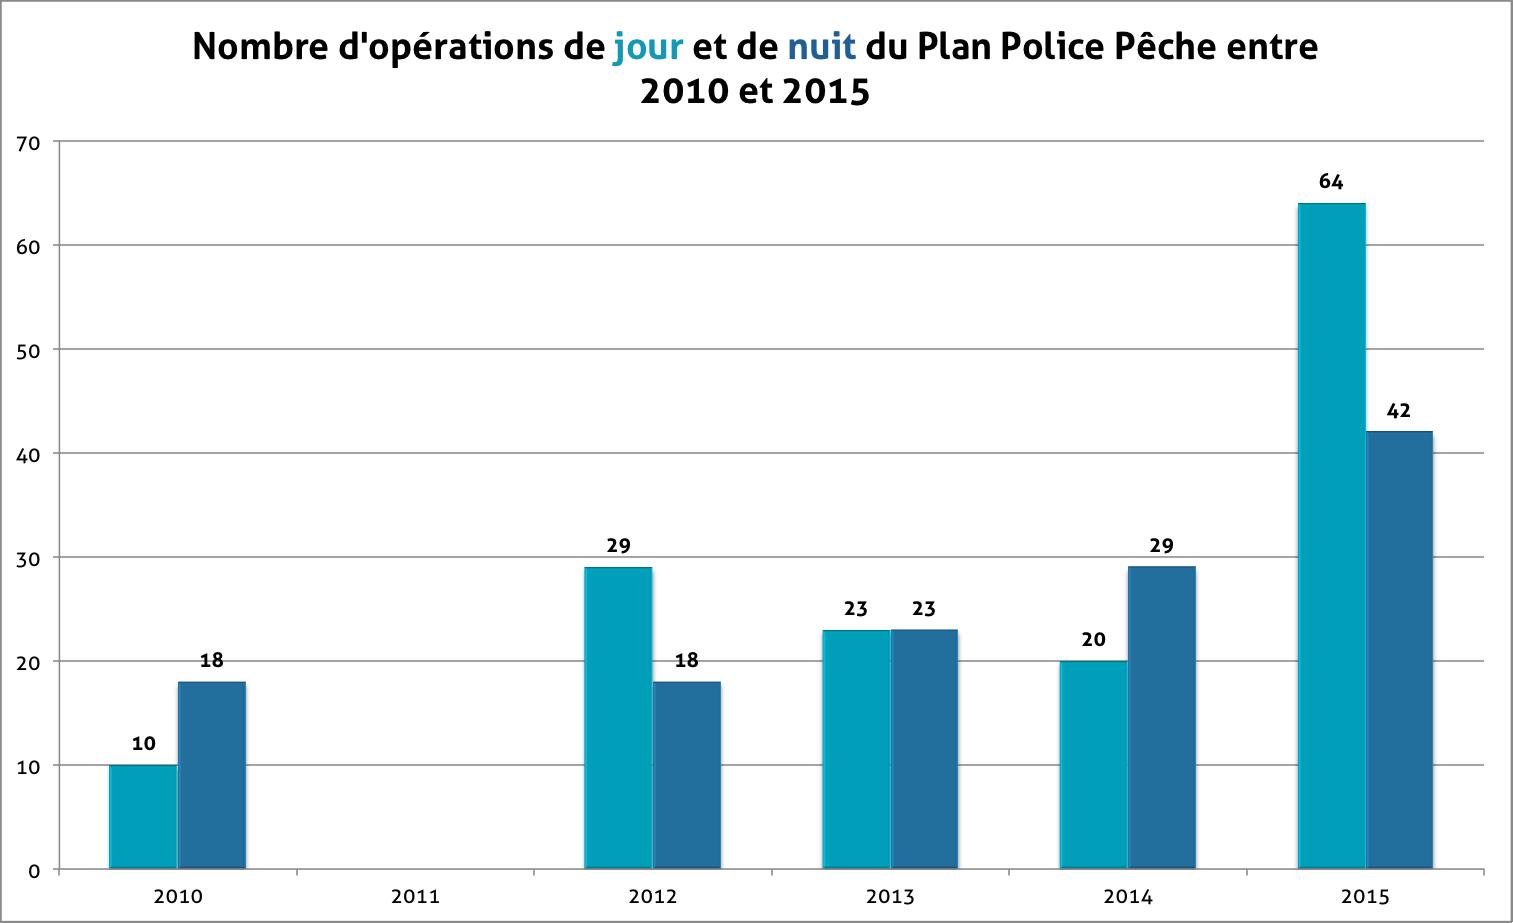 Graphique du nombre d'opérations menées de 2010 à 2015 dans le cadre du plan police pêche